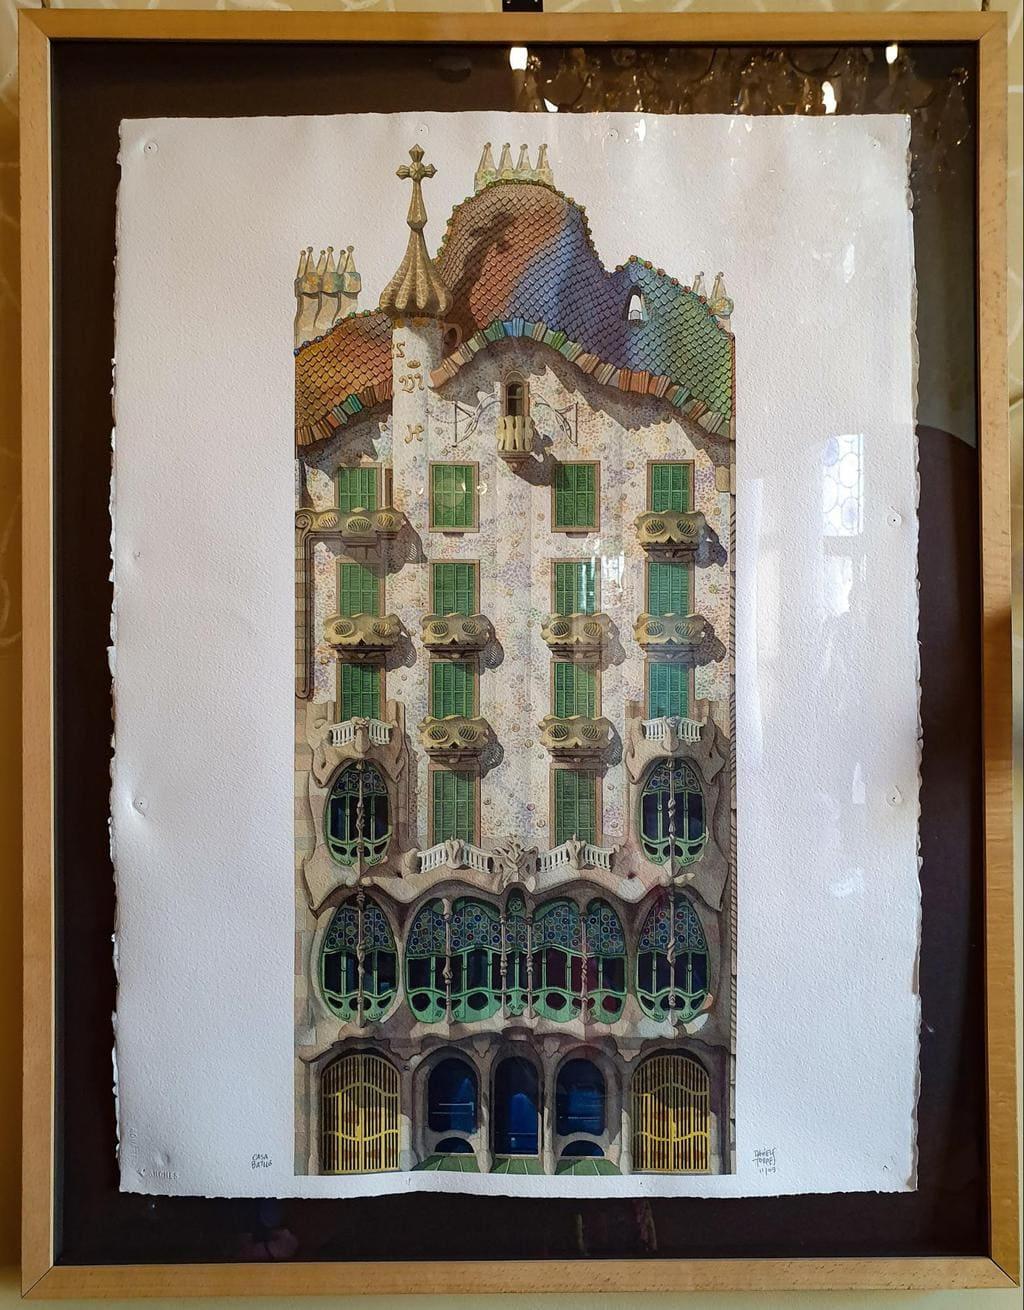 The facade of Casa Batlló